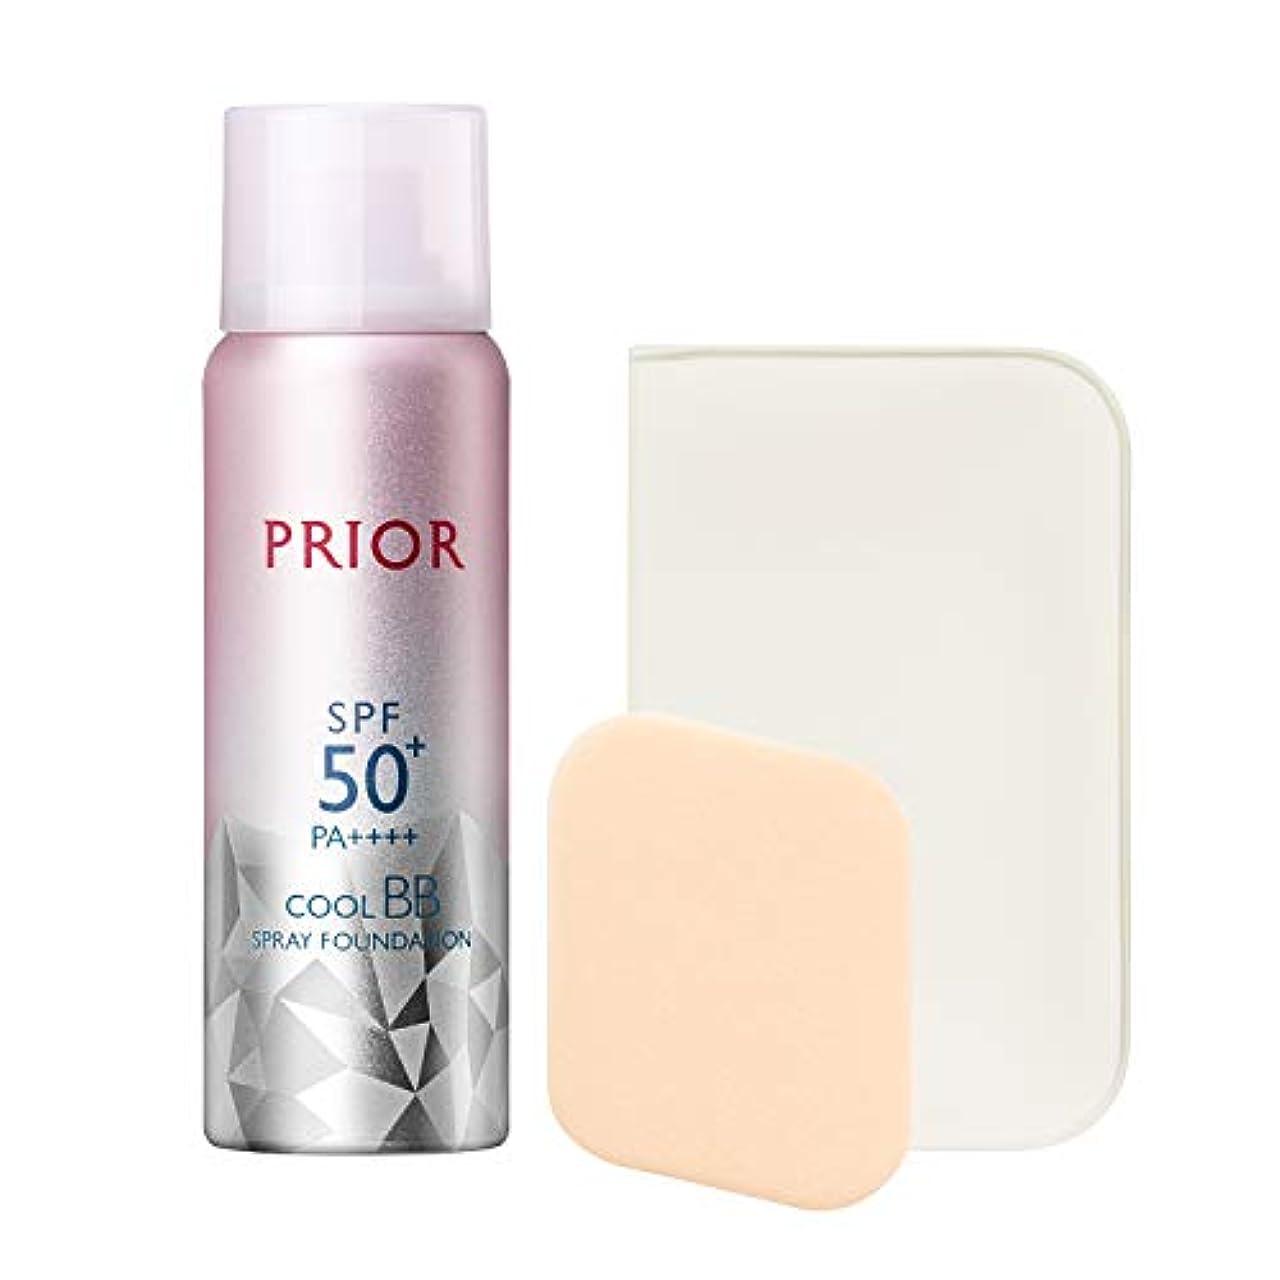 砂コテージ保険をかけるプリオール クール美つやBBスプレー UV 50 c ナチュラル 50g